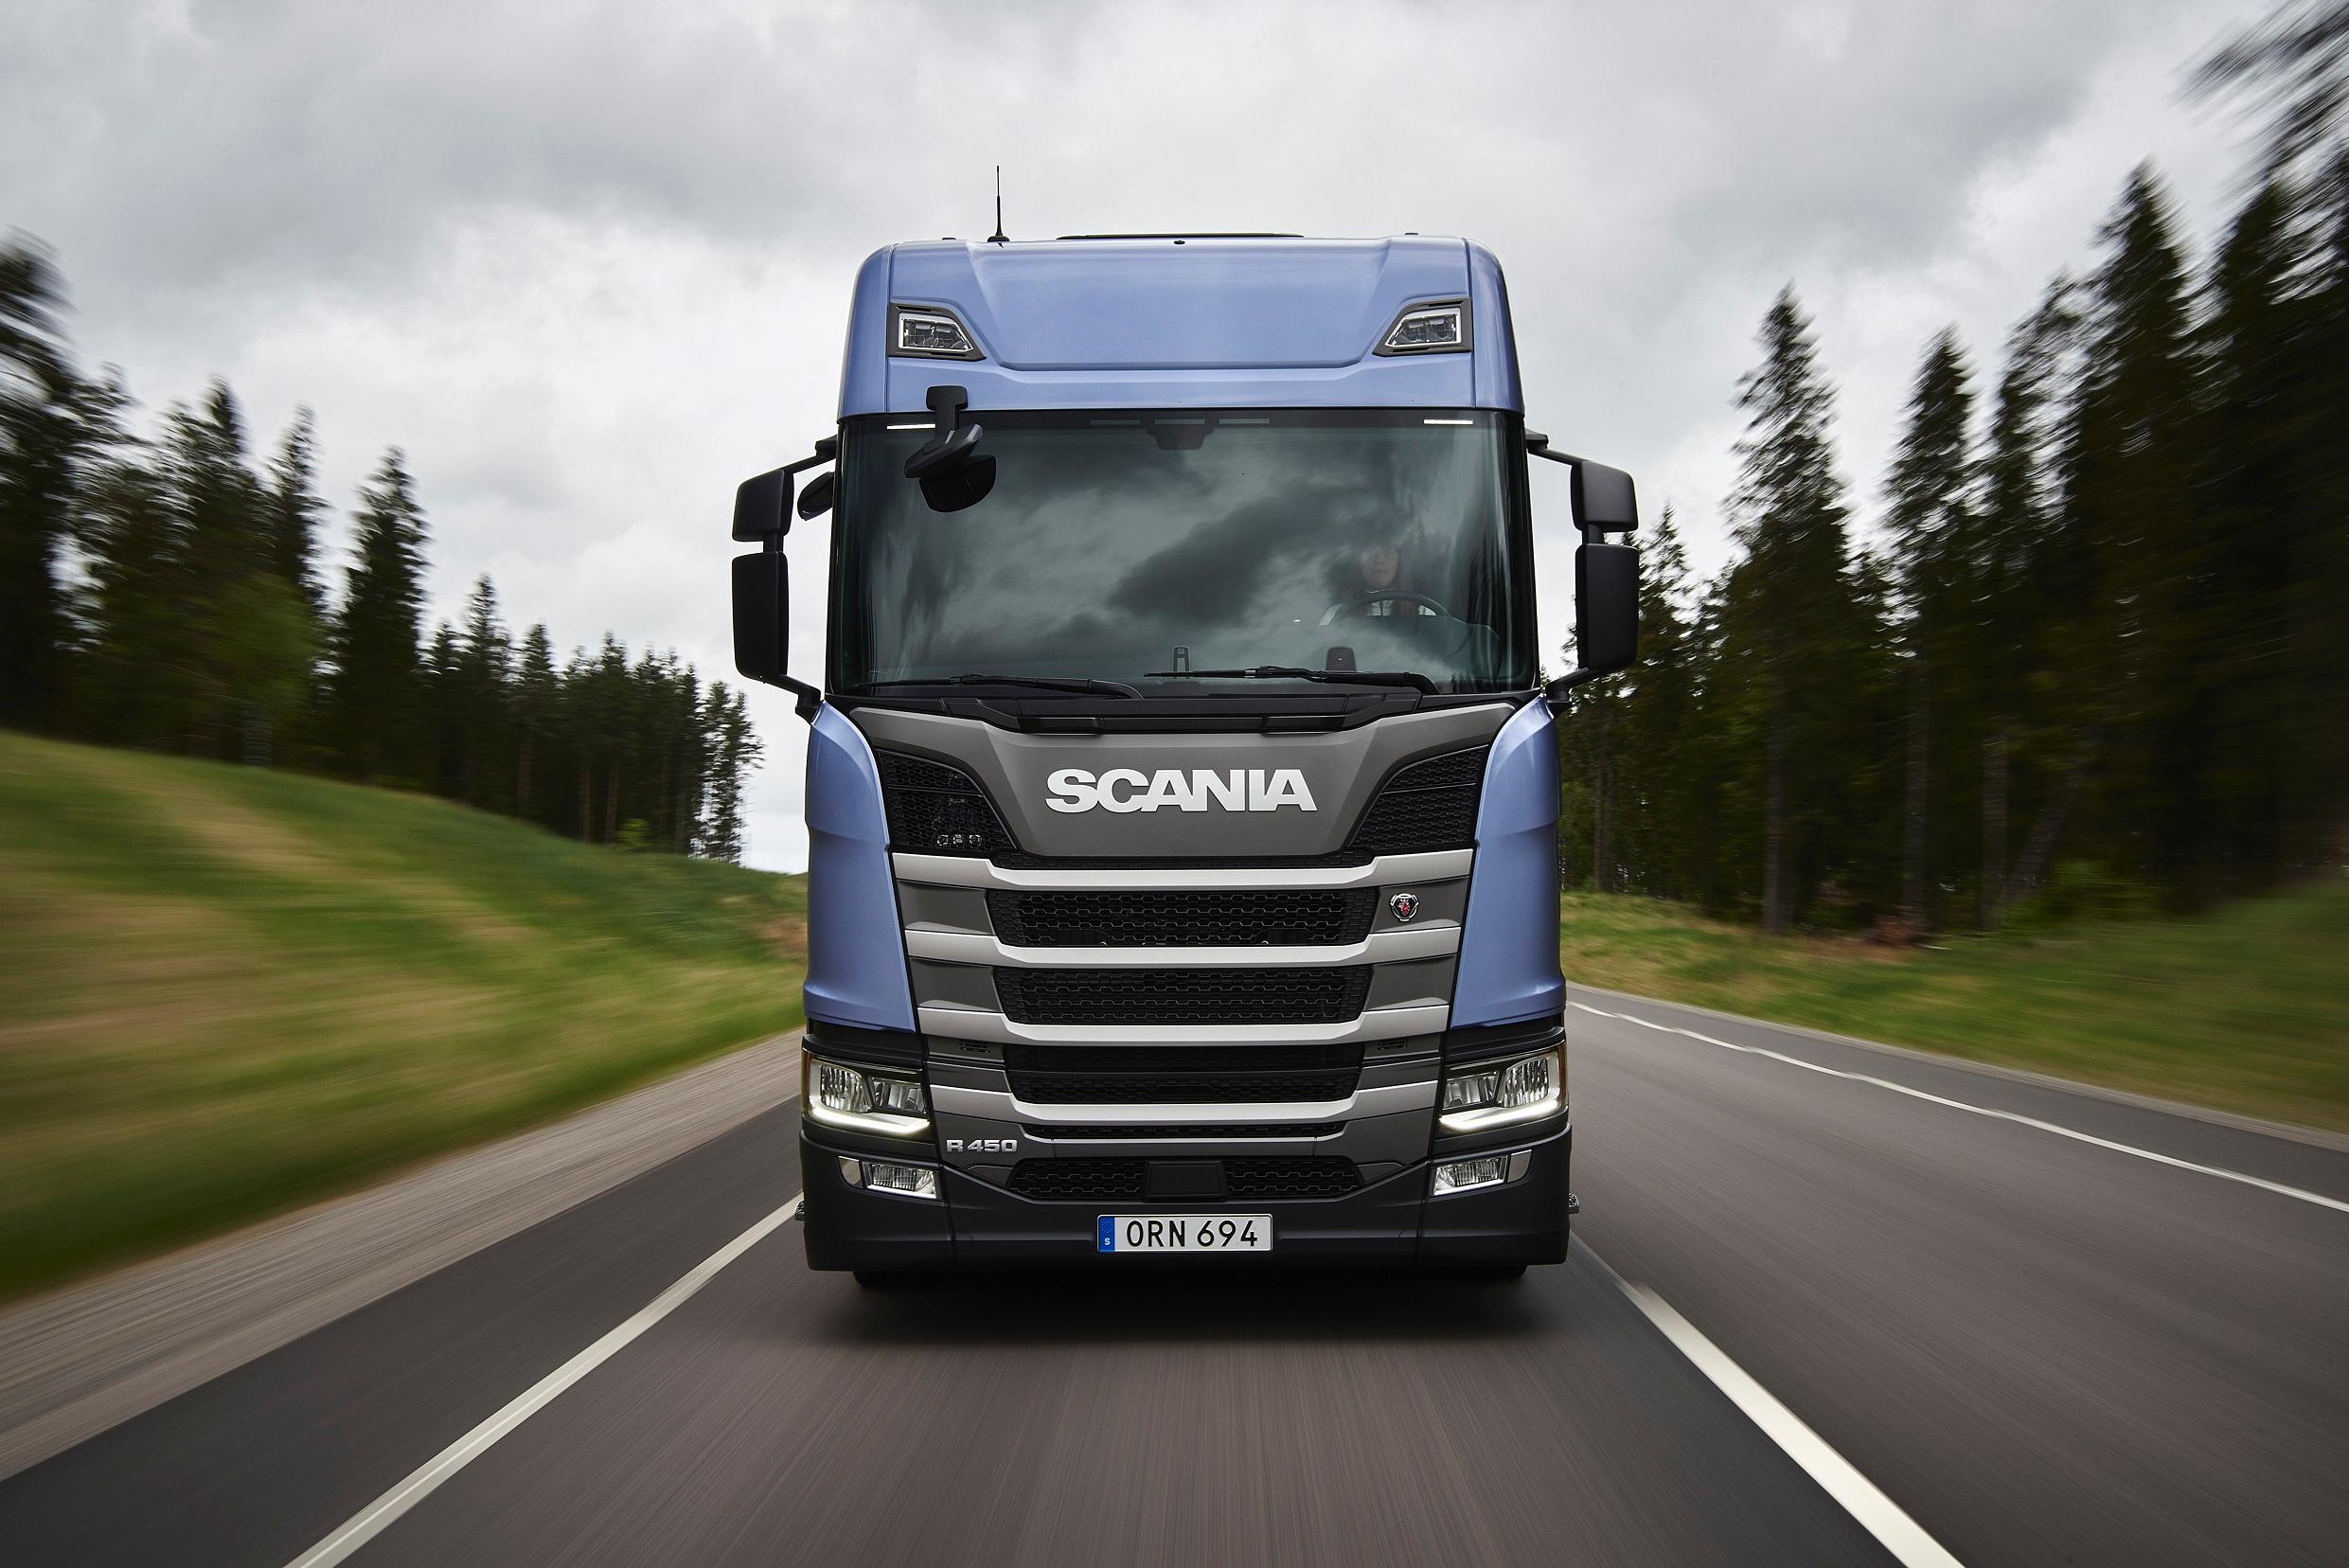 scania la nuova generazione e i veicoli per il cava cantiere in prova a transpotec camionisti. Black Bedroom Furniture Sets. Home Design Ideas